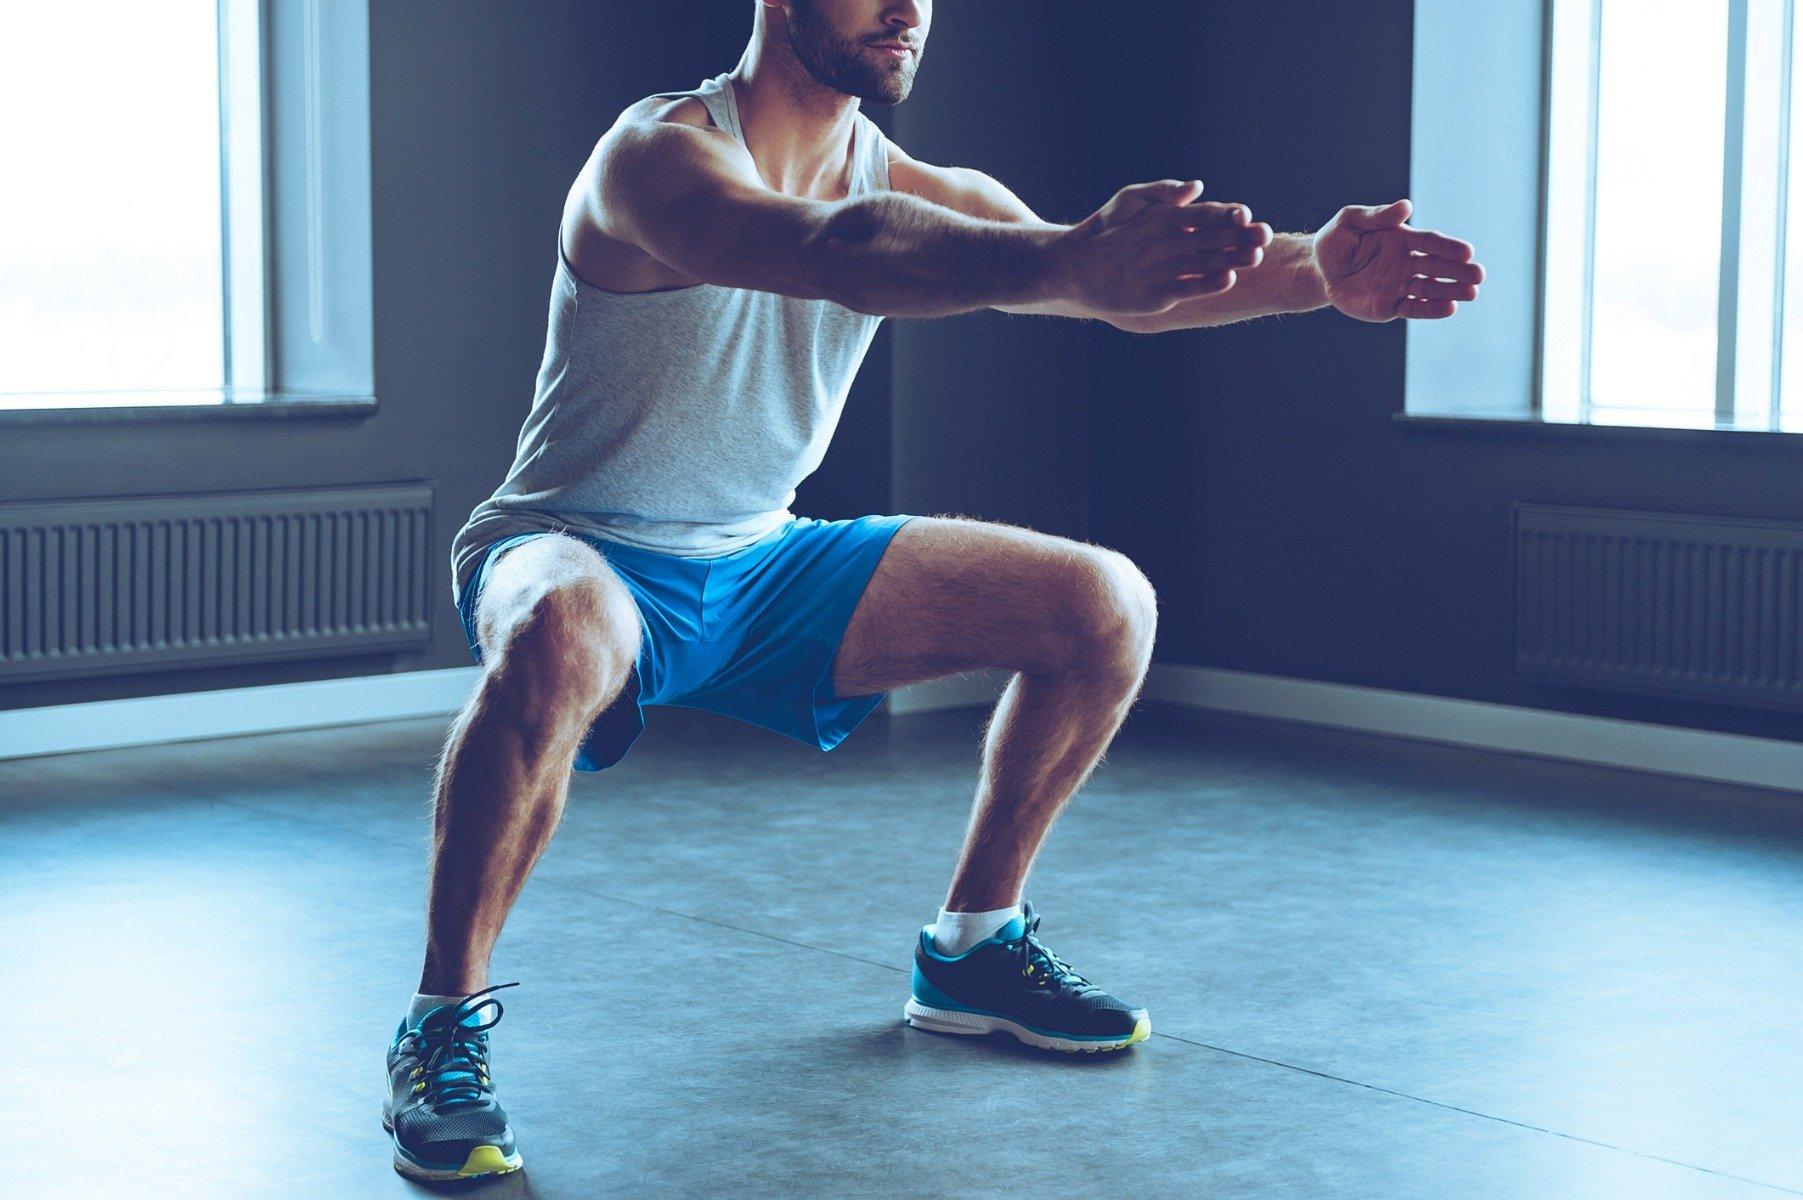 térd osteoporosis 3 fokos kezelése)